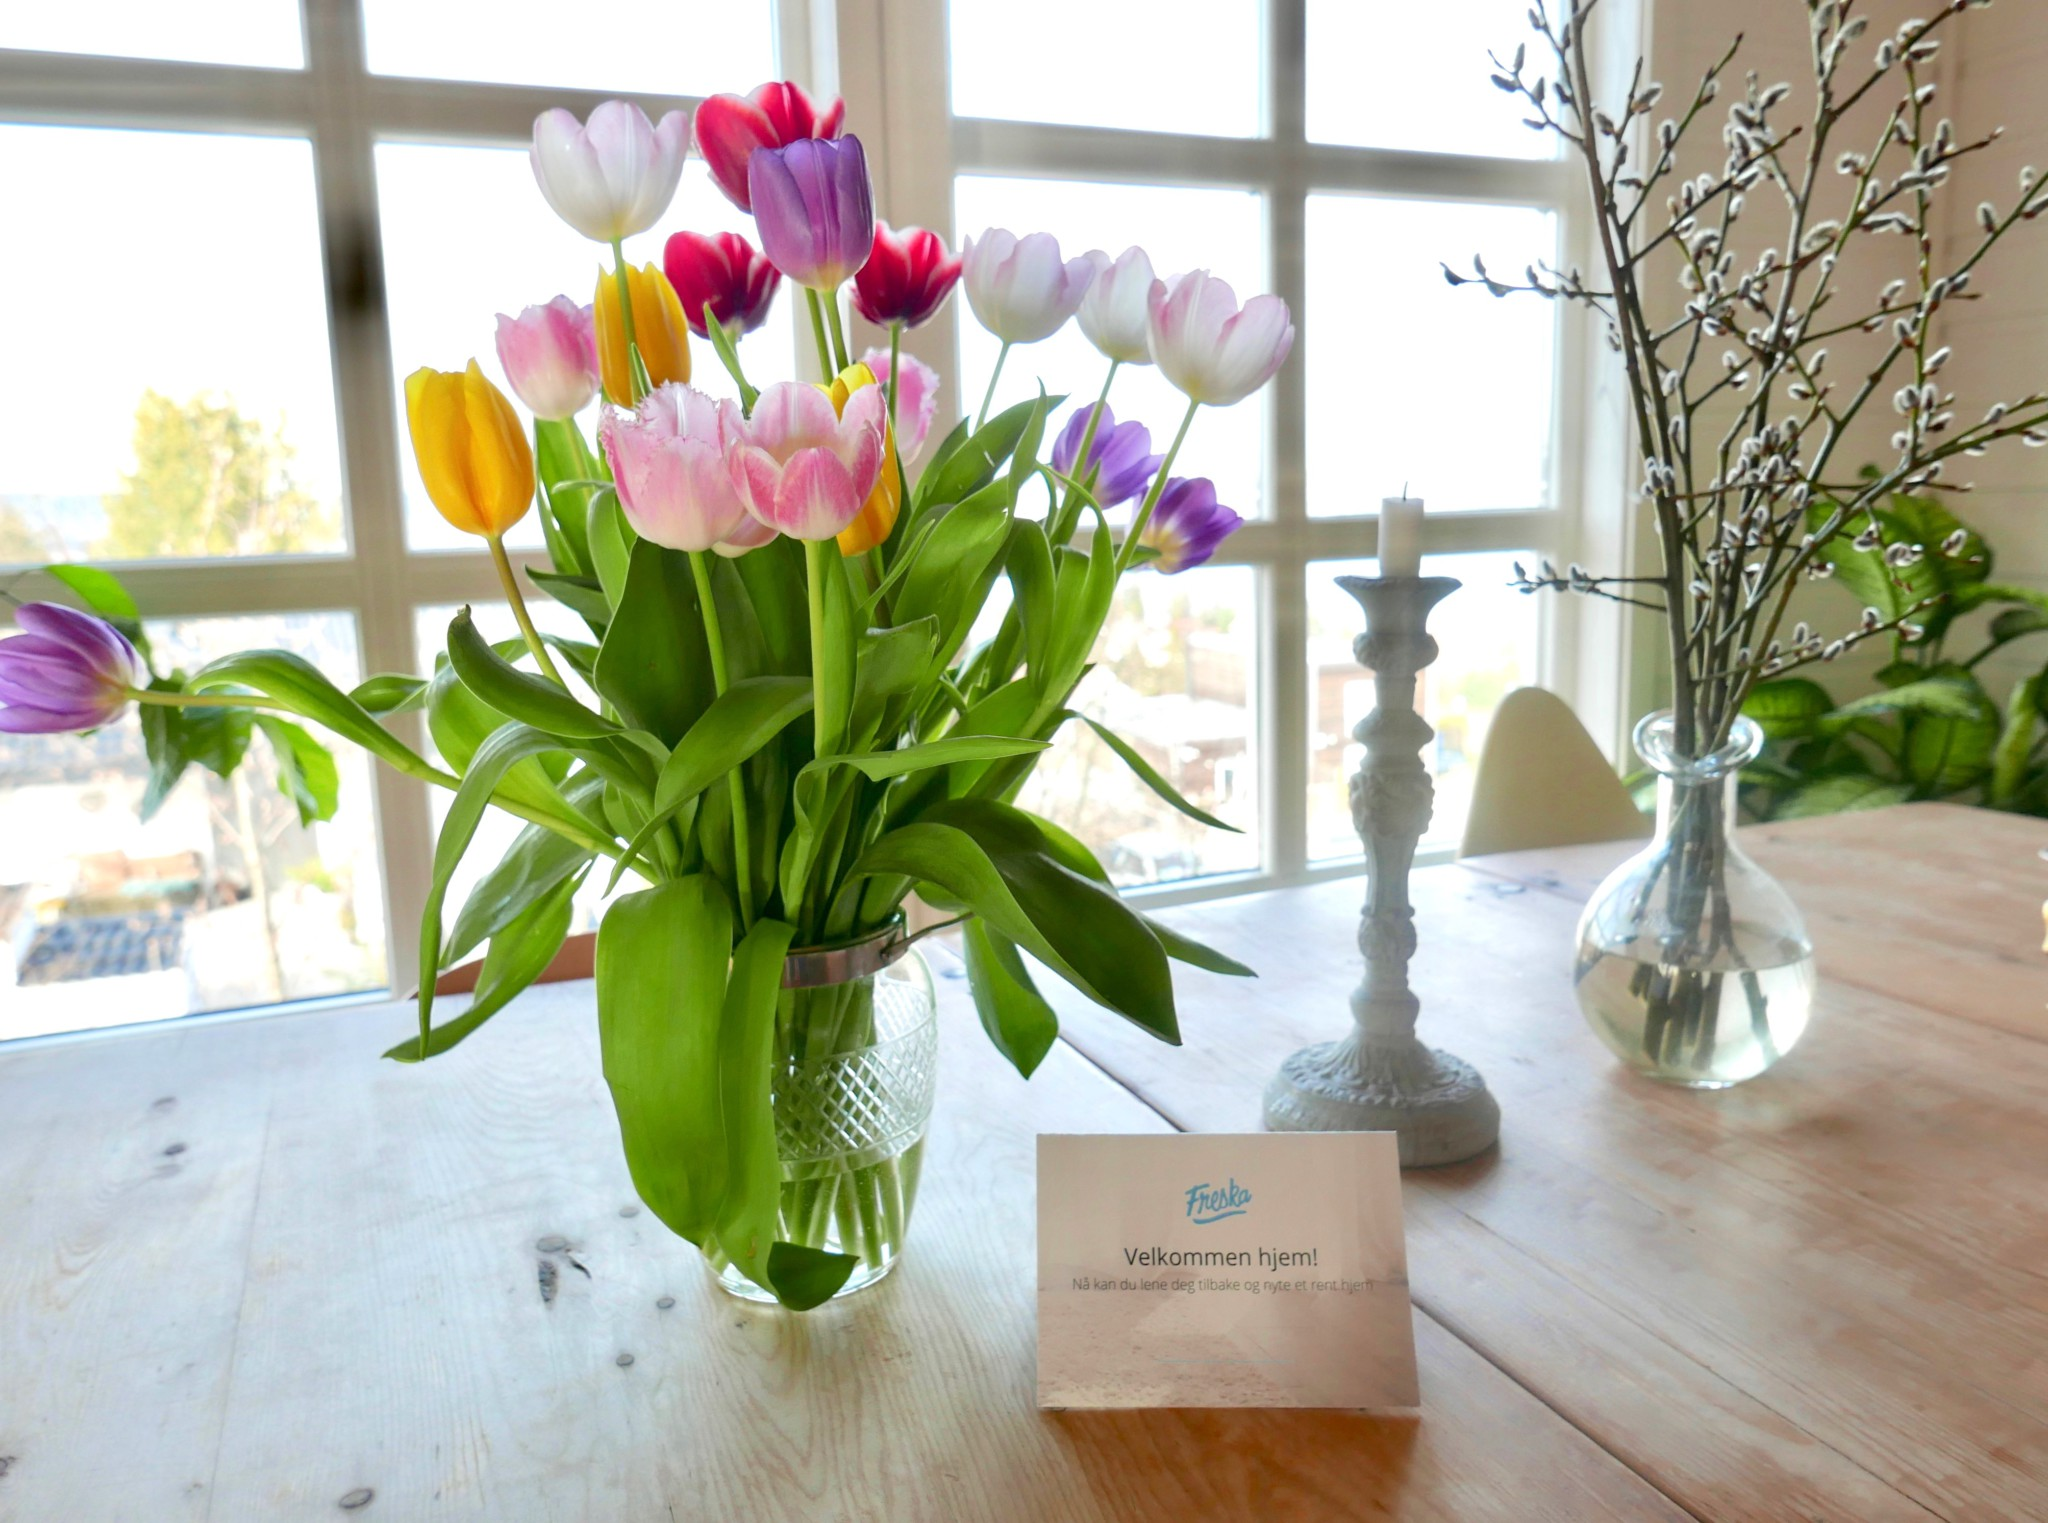 freska-velkommen-hjem-tulipaner-bord-anja-stang